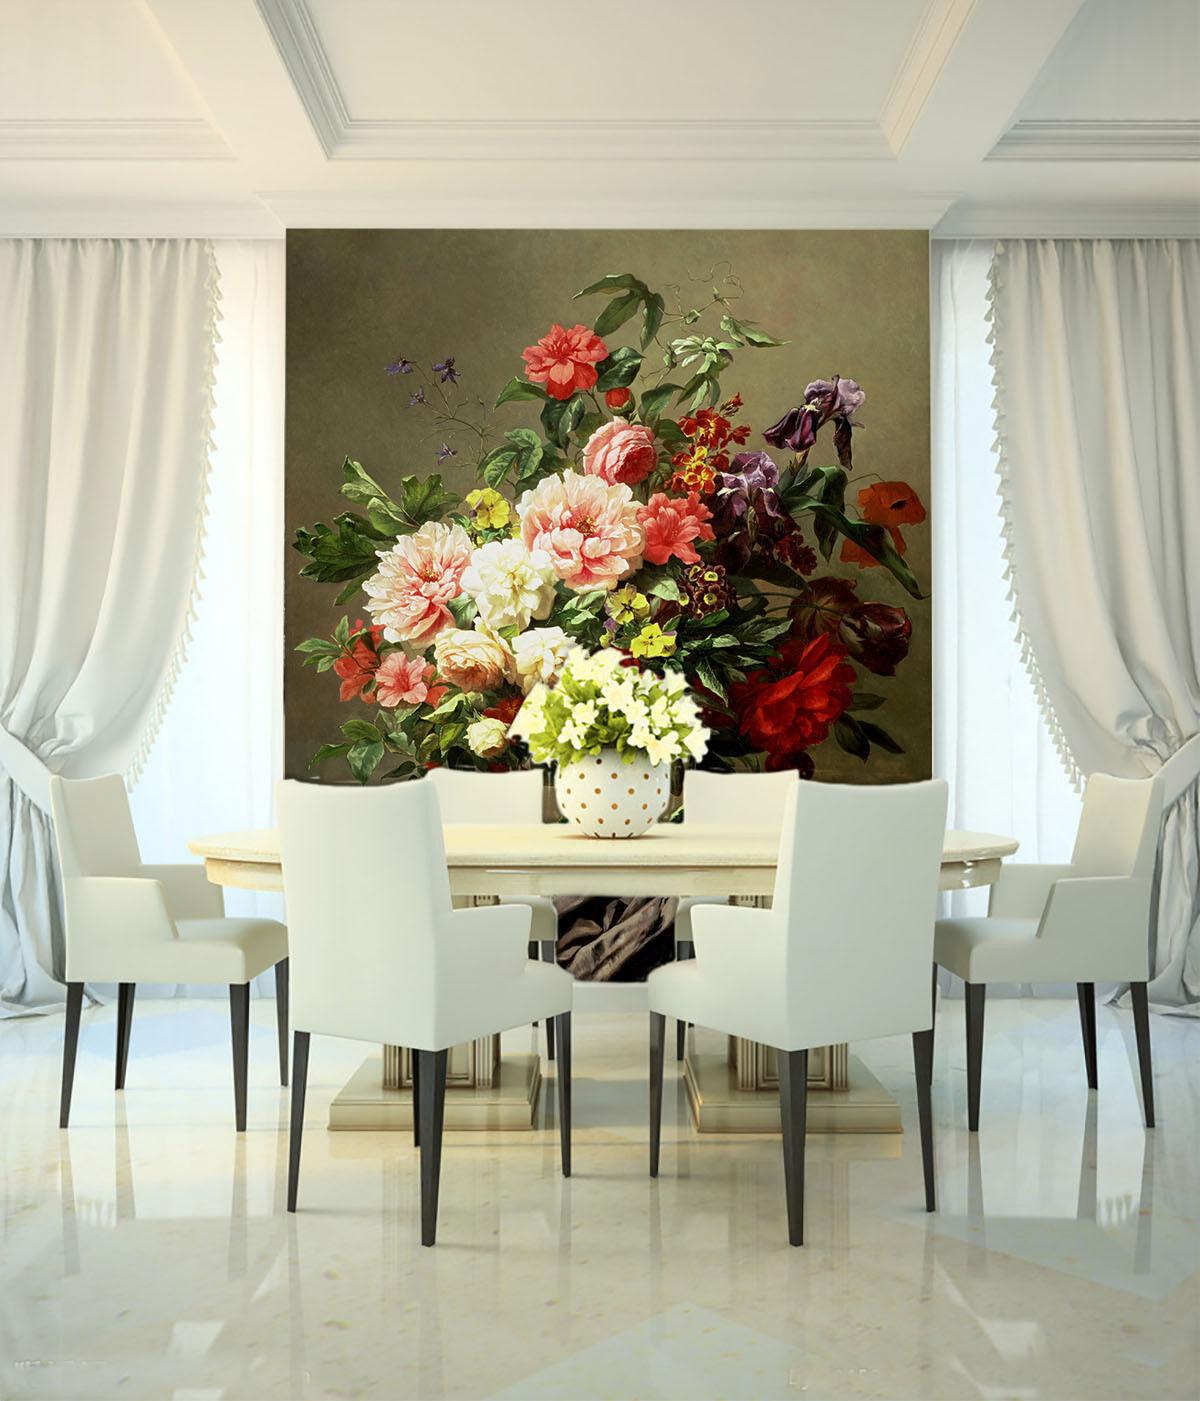 3D Beautiful Vase 618 WallPaper Murals Wall Print Decal Wall Deco AJ WALLPAPER